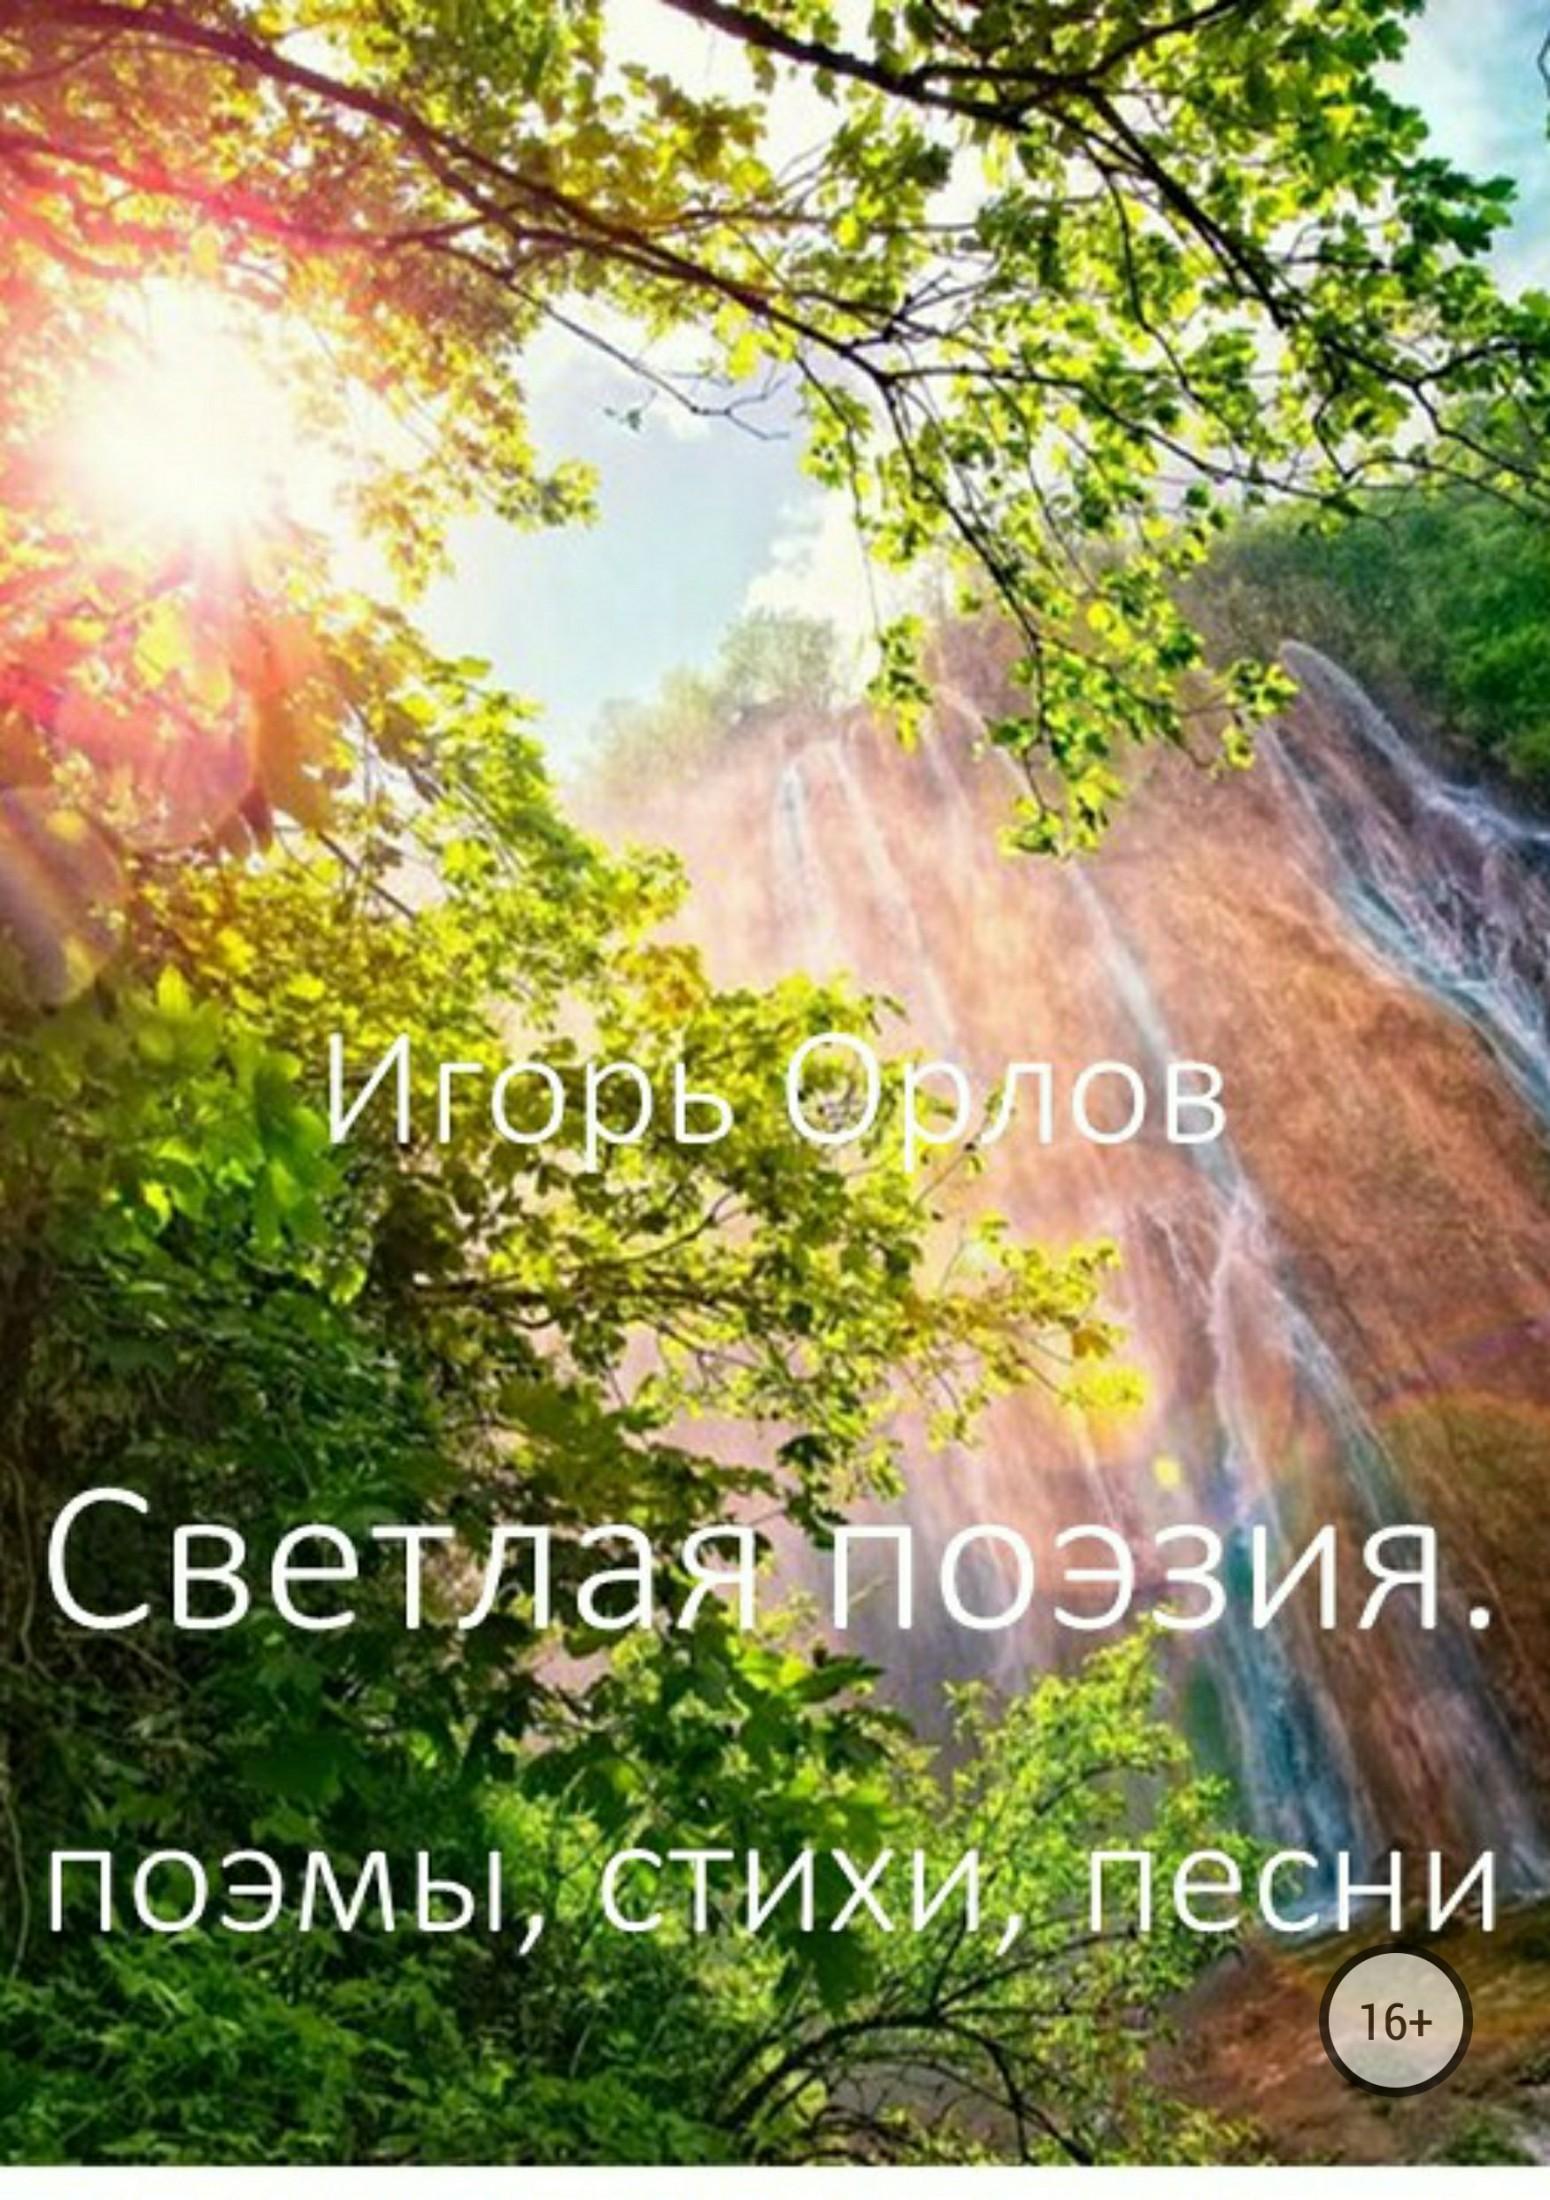 купить Игорь Орлов Светлая поэзия онлайн